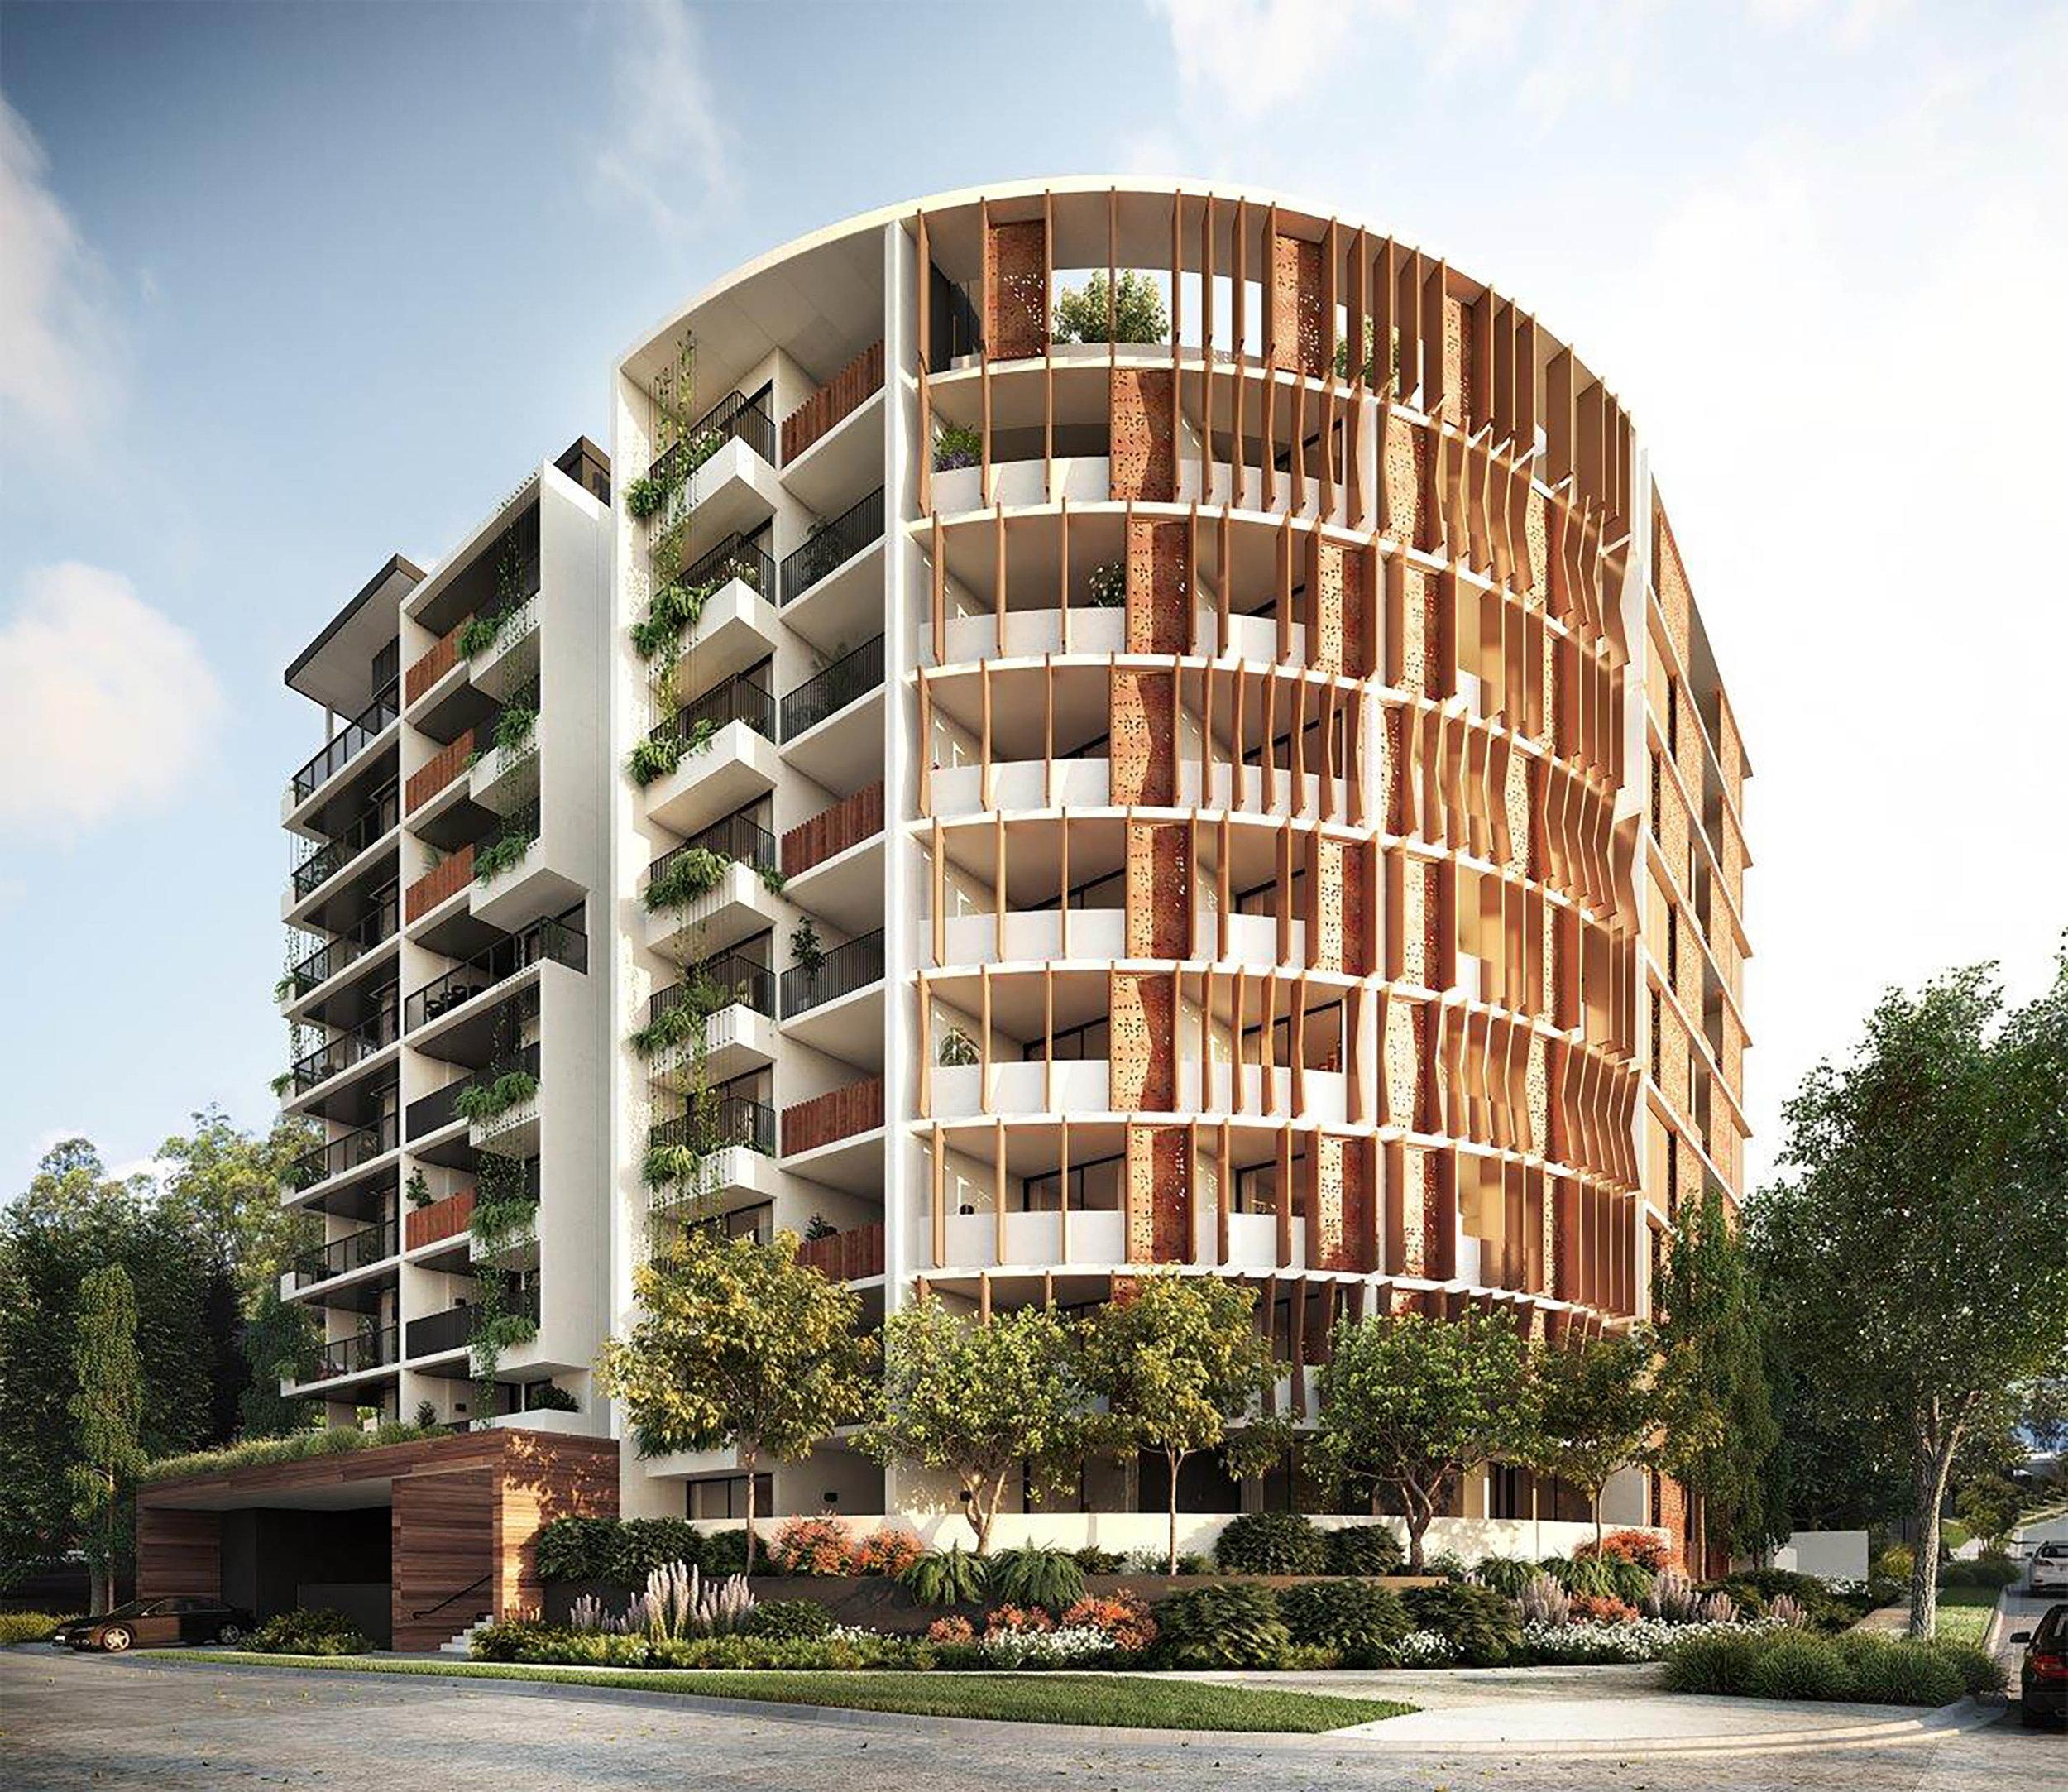 151103 - Bowen Hills - Exterior - Final 2000_website.jpg